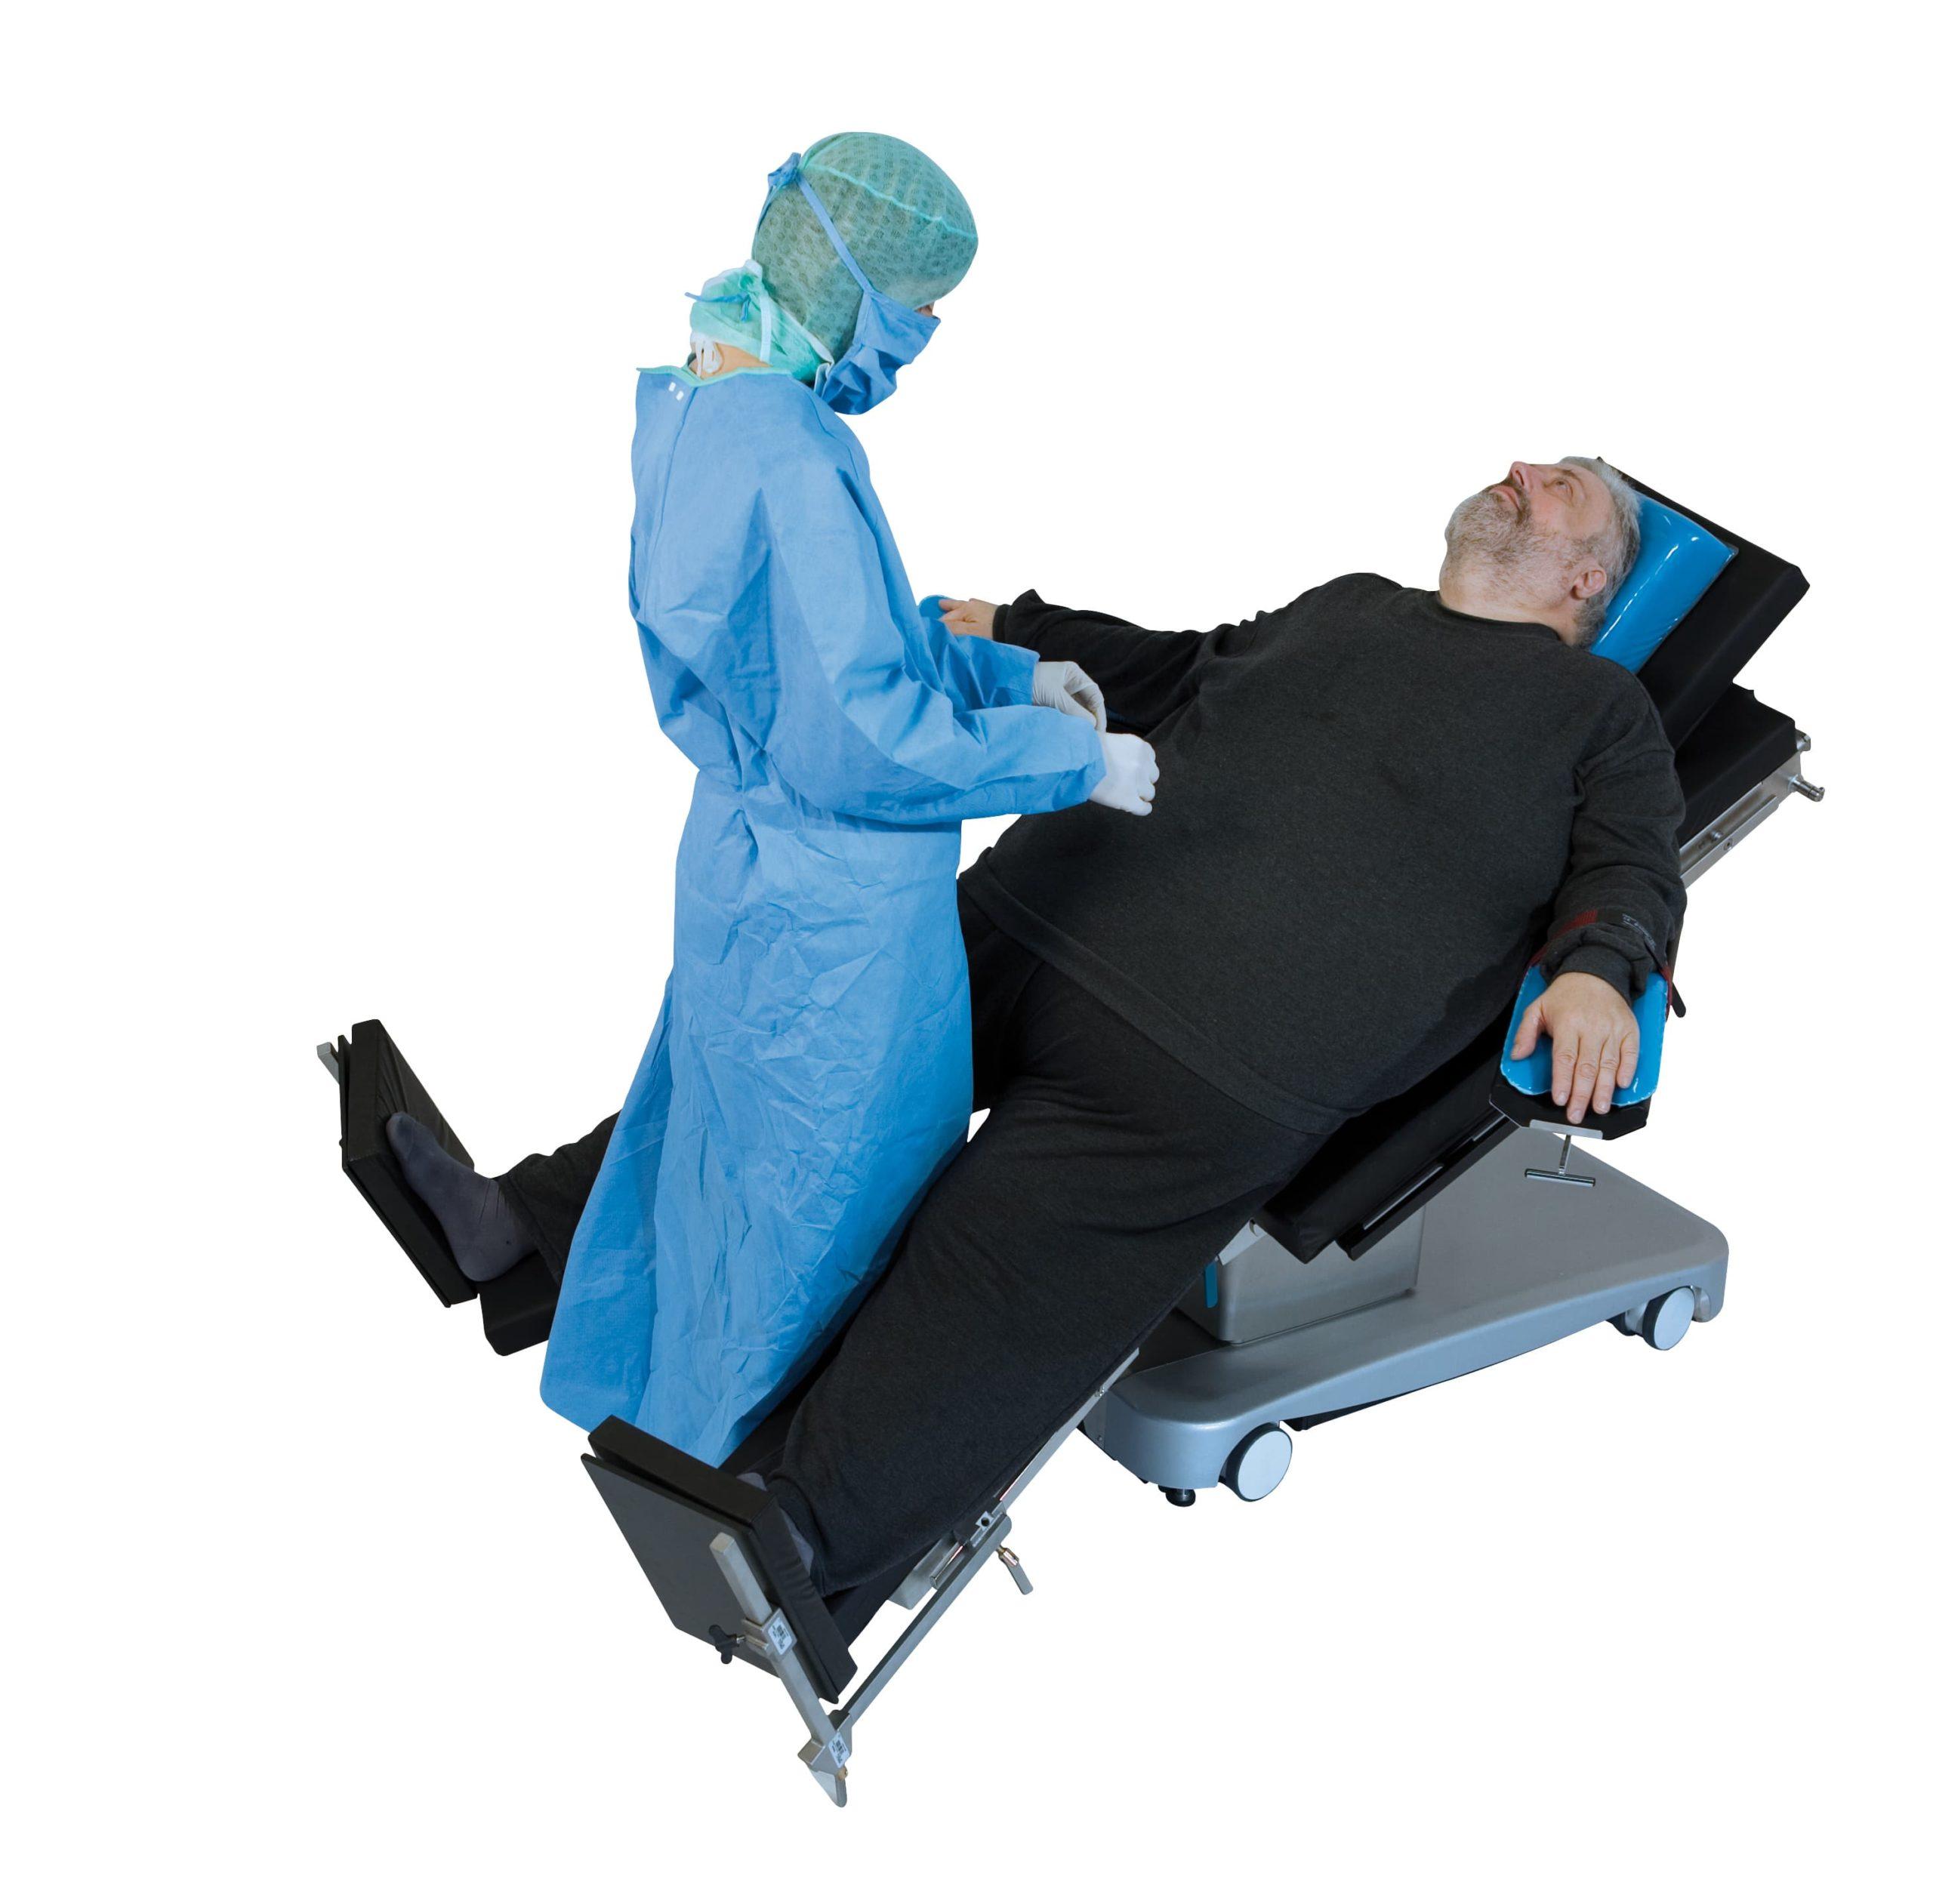 Пациент лежит на операционном столе в позе звезды